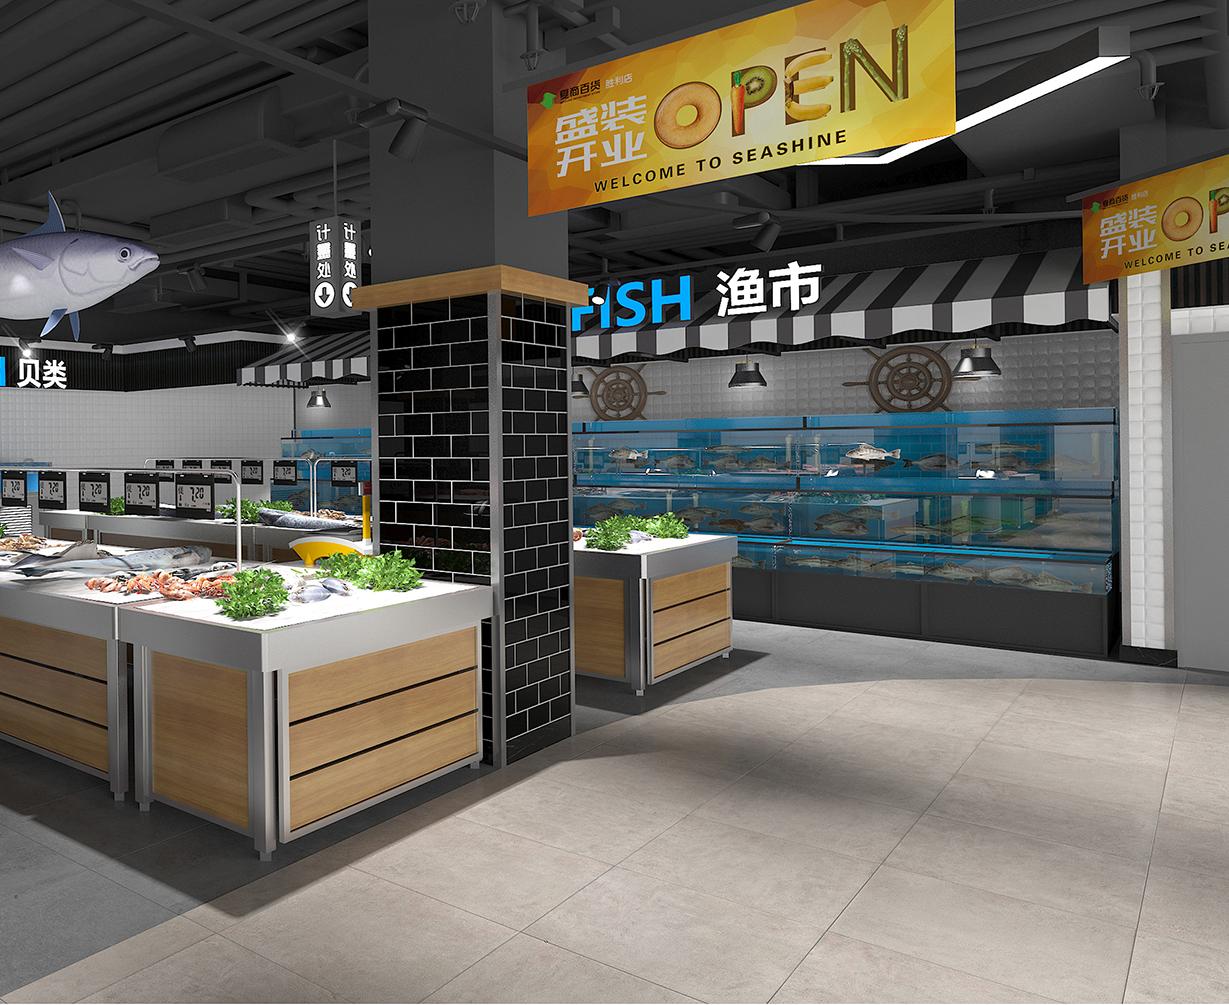 超市货架水产区